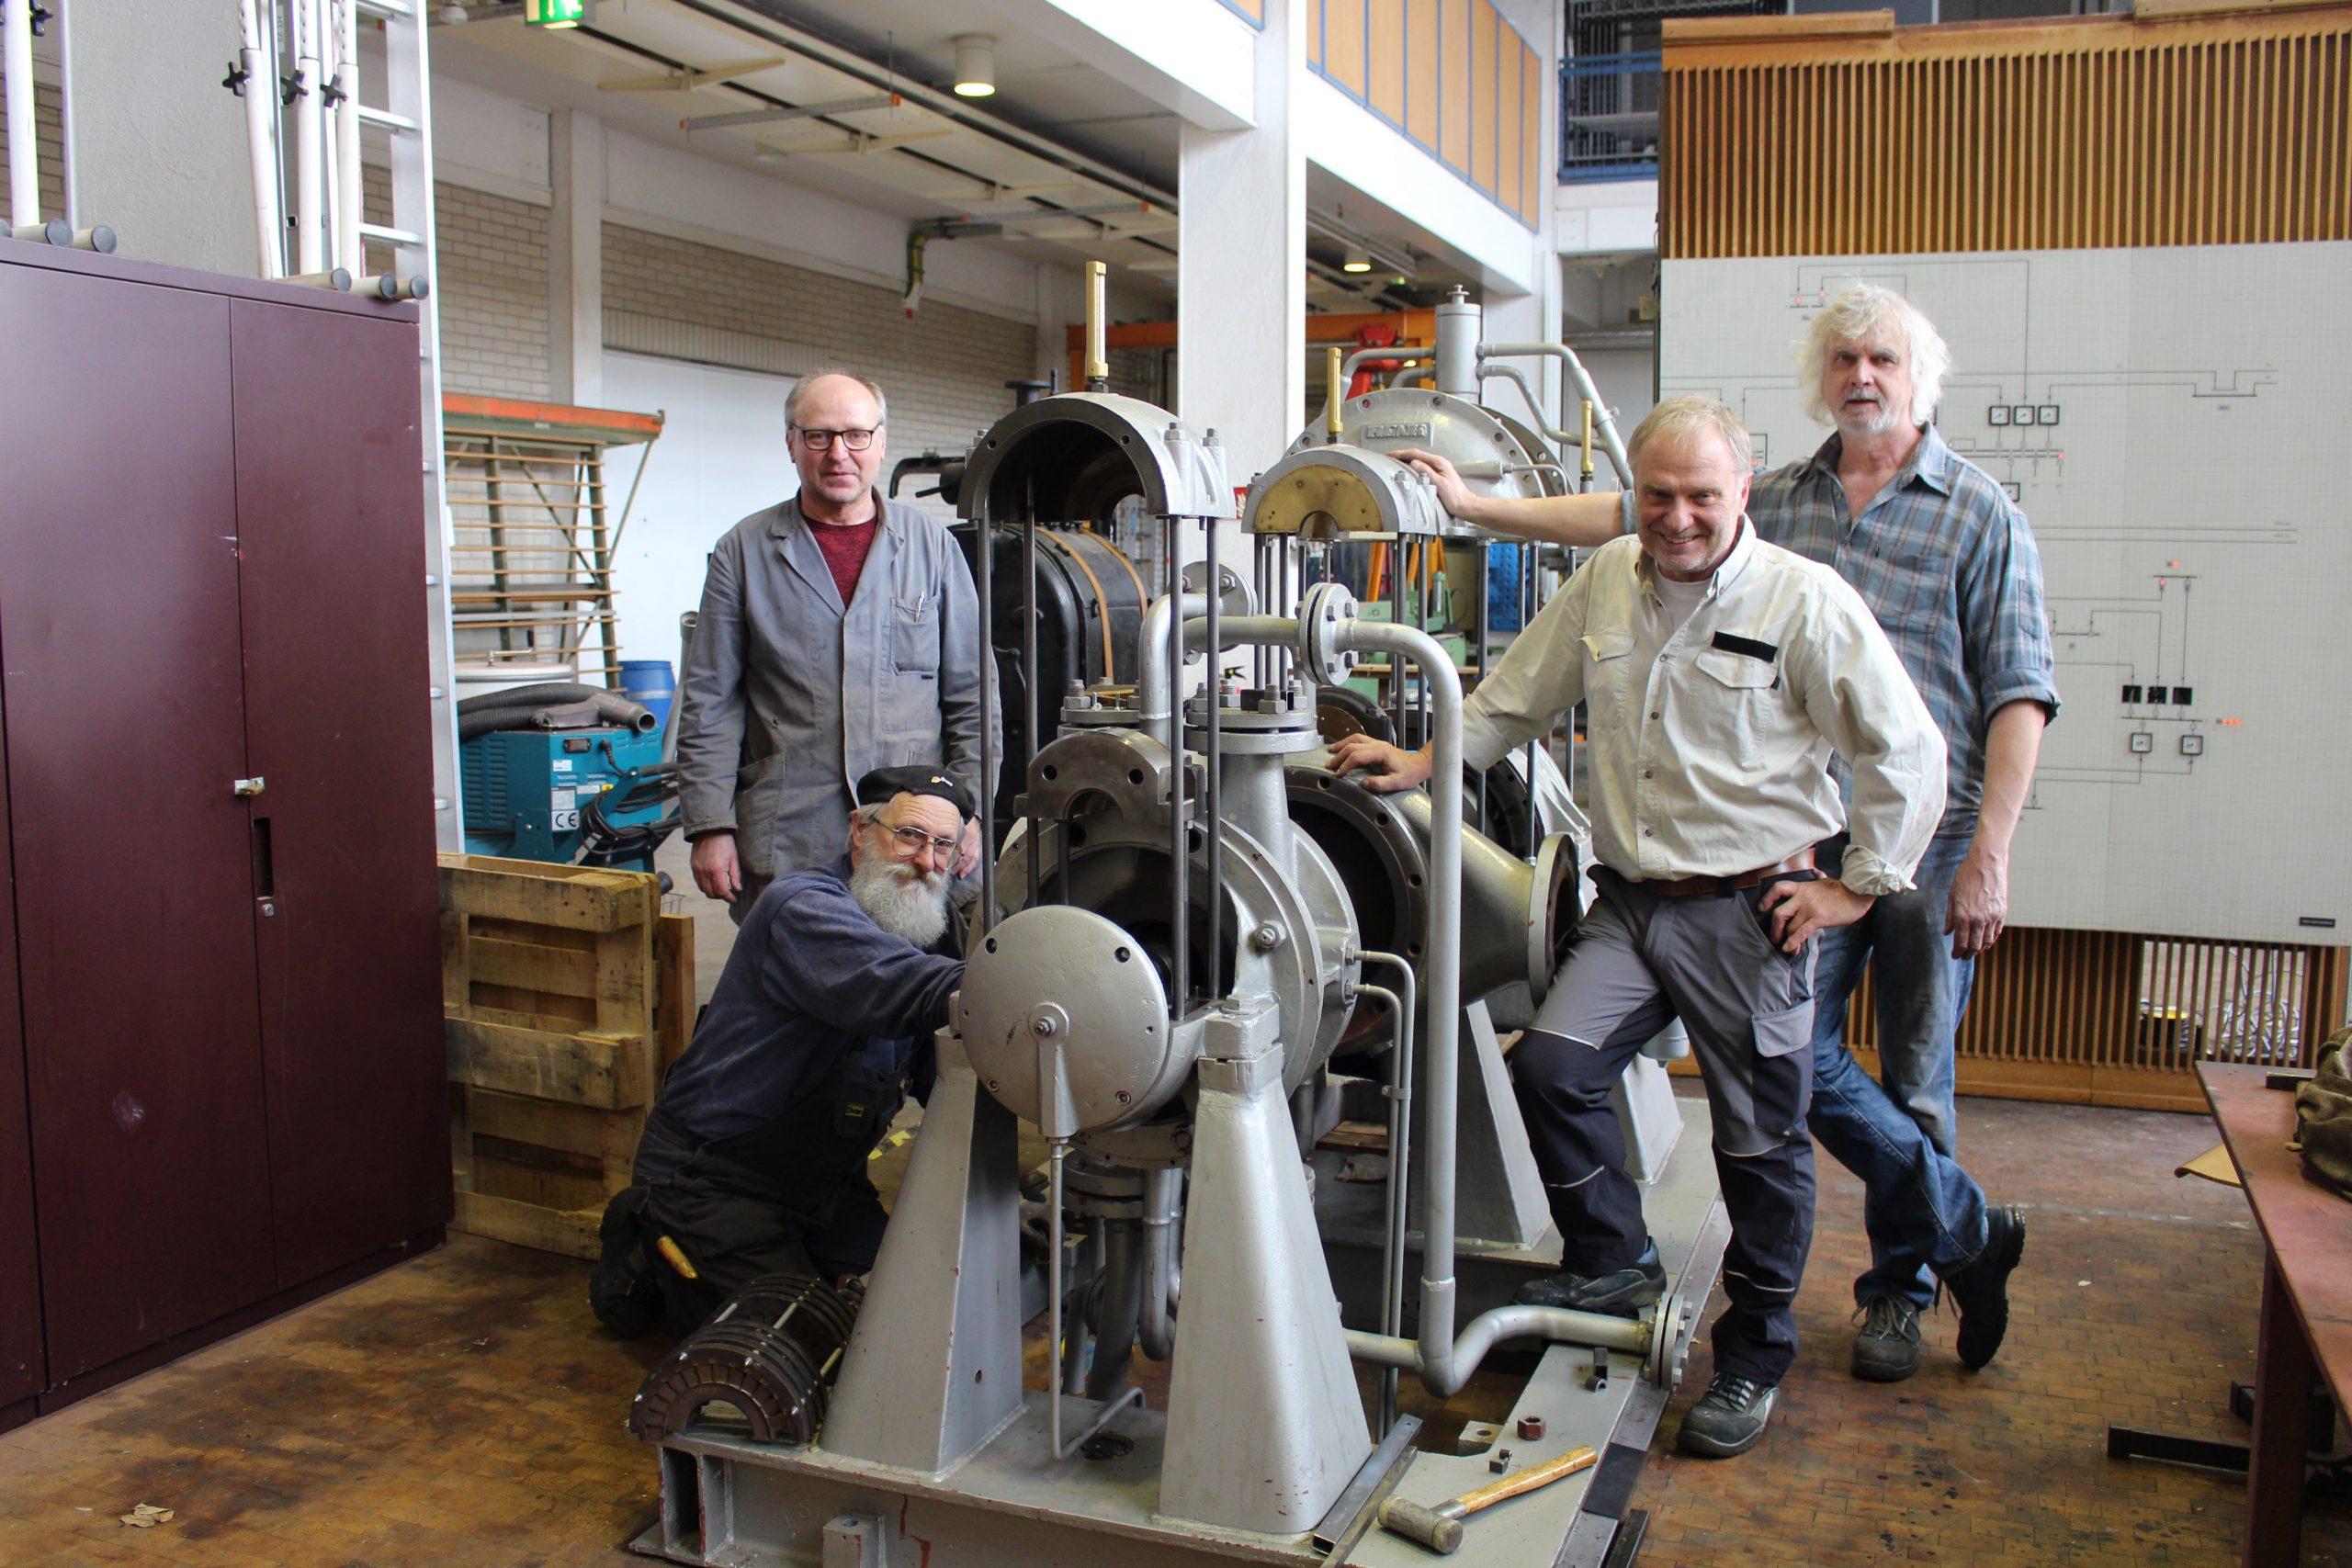 Günther Theis mit den Ehrenamtlichen Peter Maurer, Günter Löser und Hans Schaafhausen vor der Dampfturbine